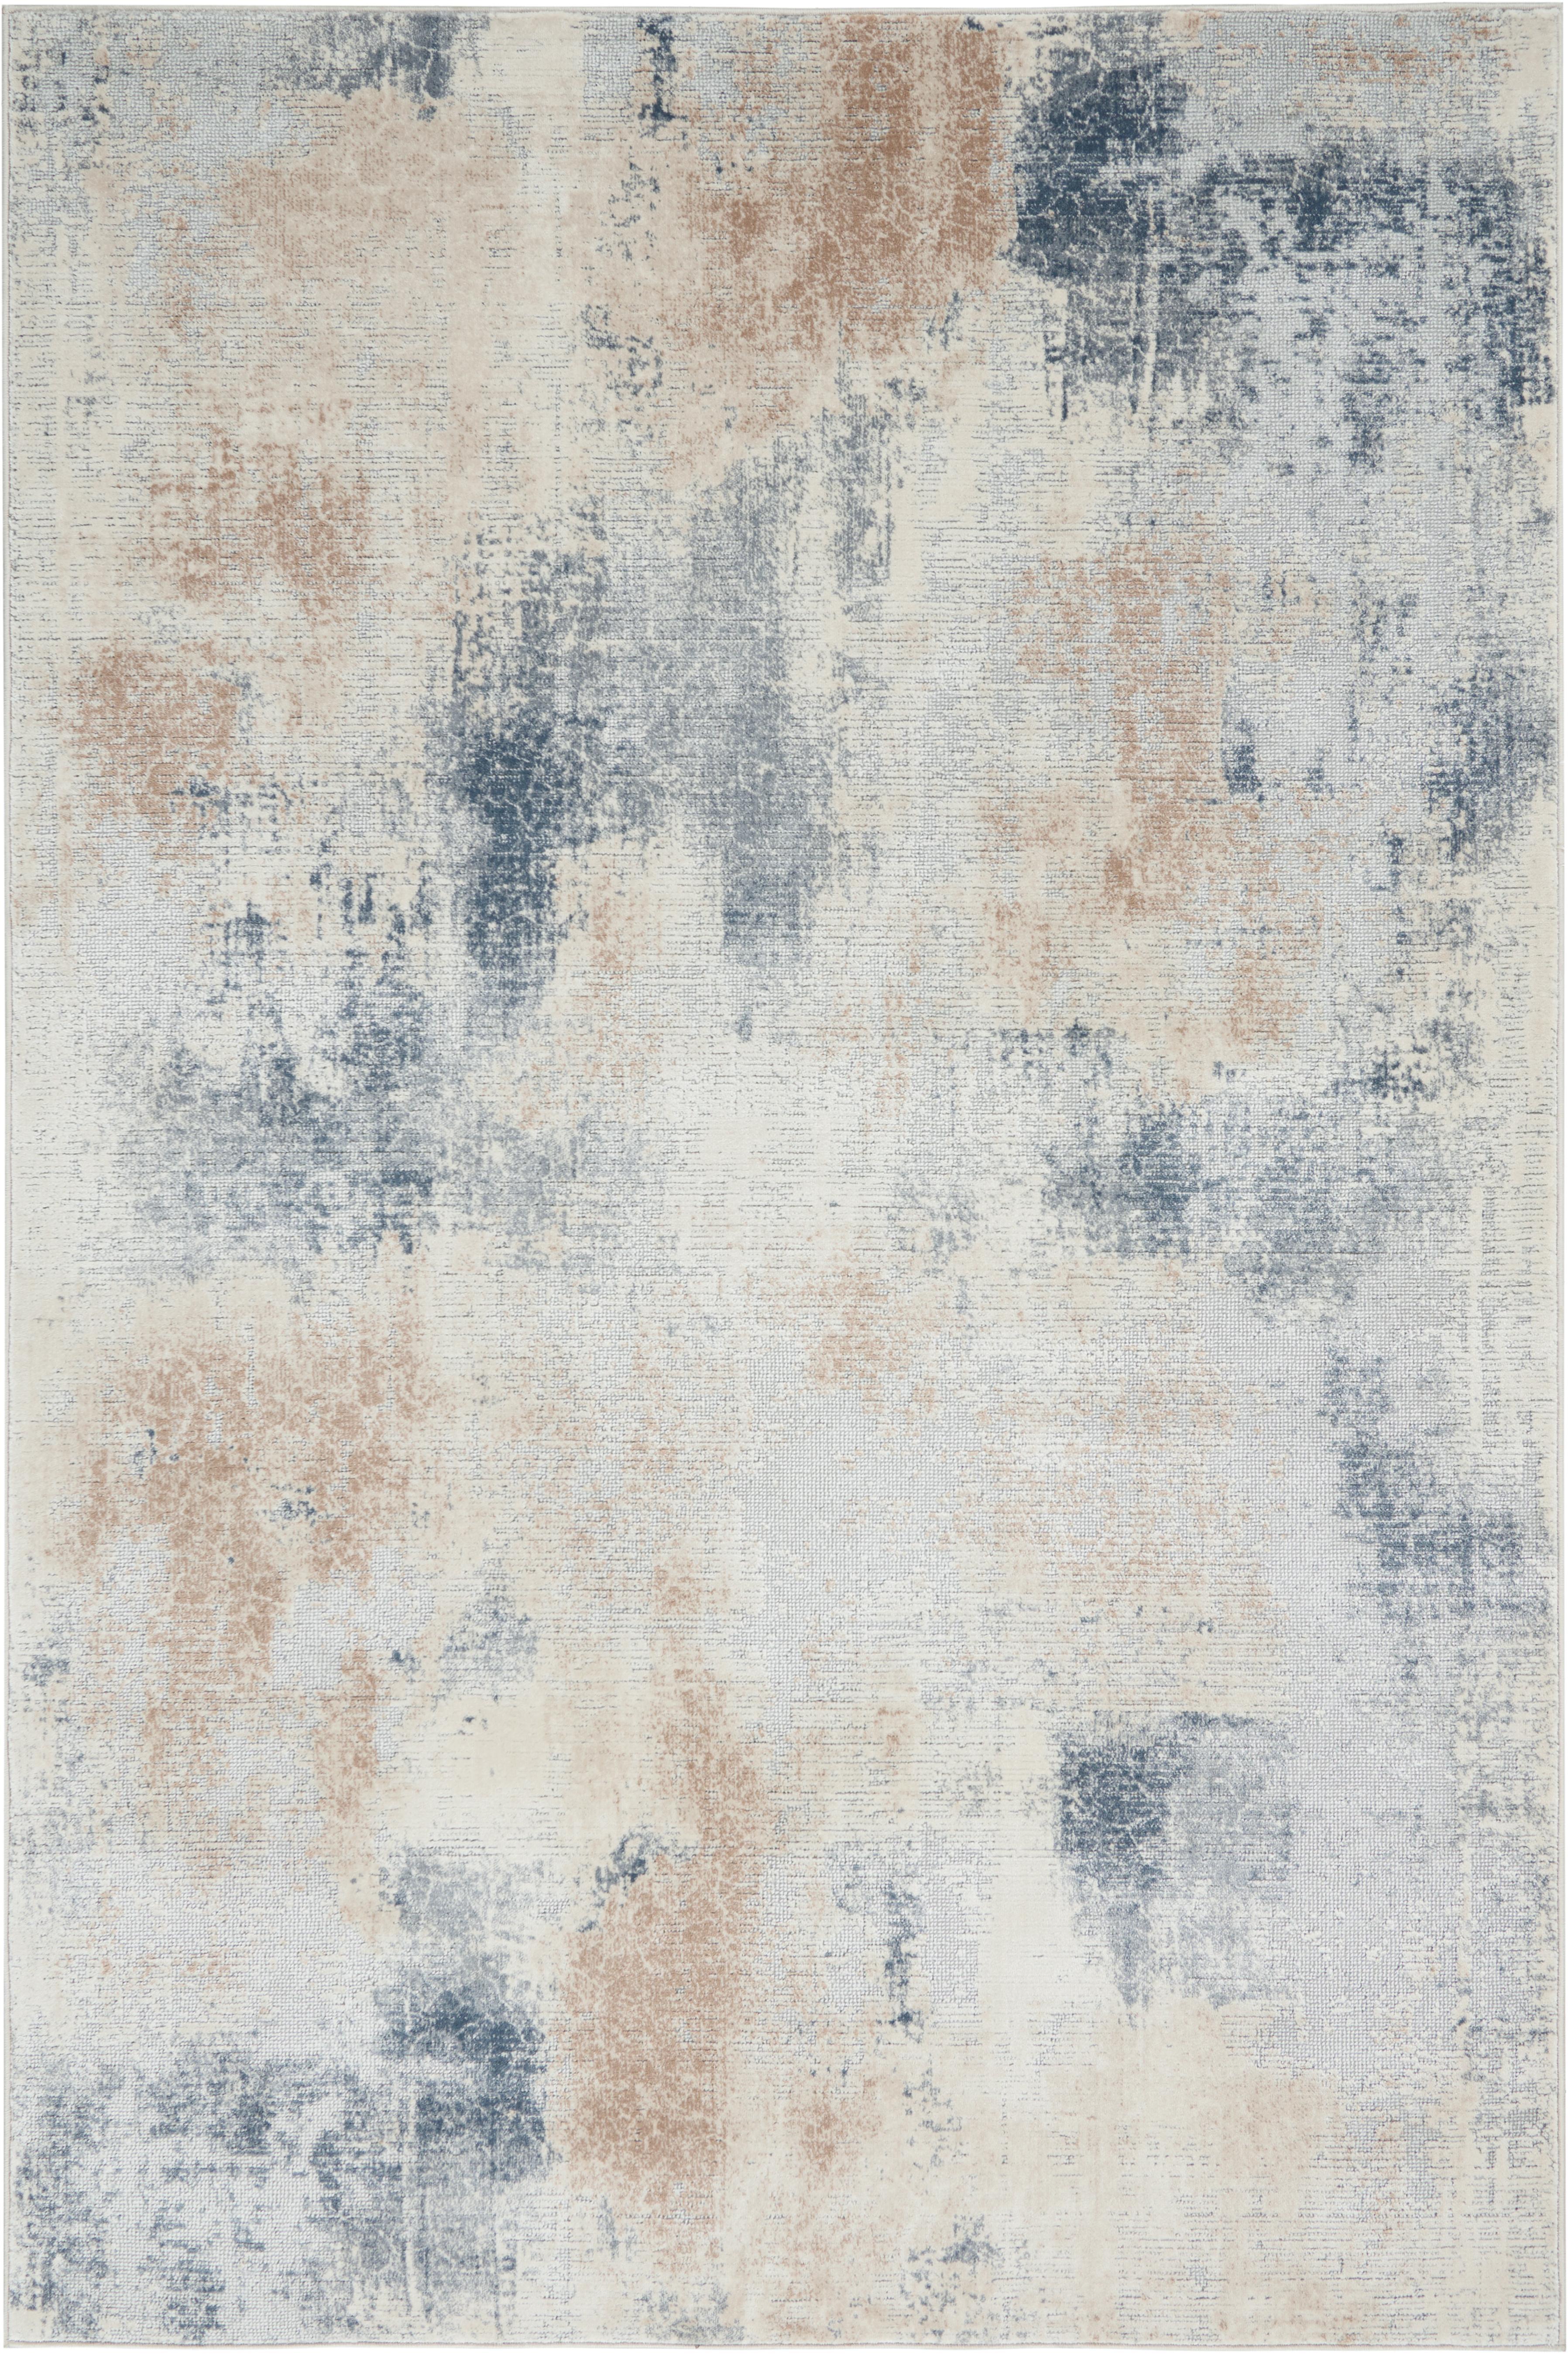 Designteppich Rustic Textures II in Beige/Grau, Flor: 51%Polypropylen, 49%Pol, Beigetöne, Grau, B 160 x L 220 cm (Größe M)